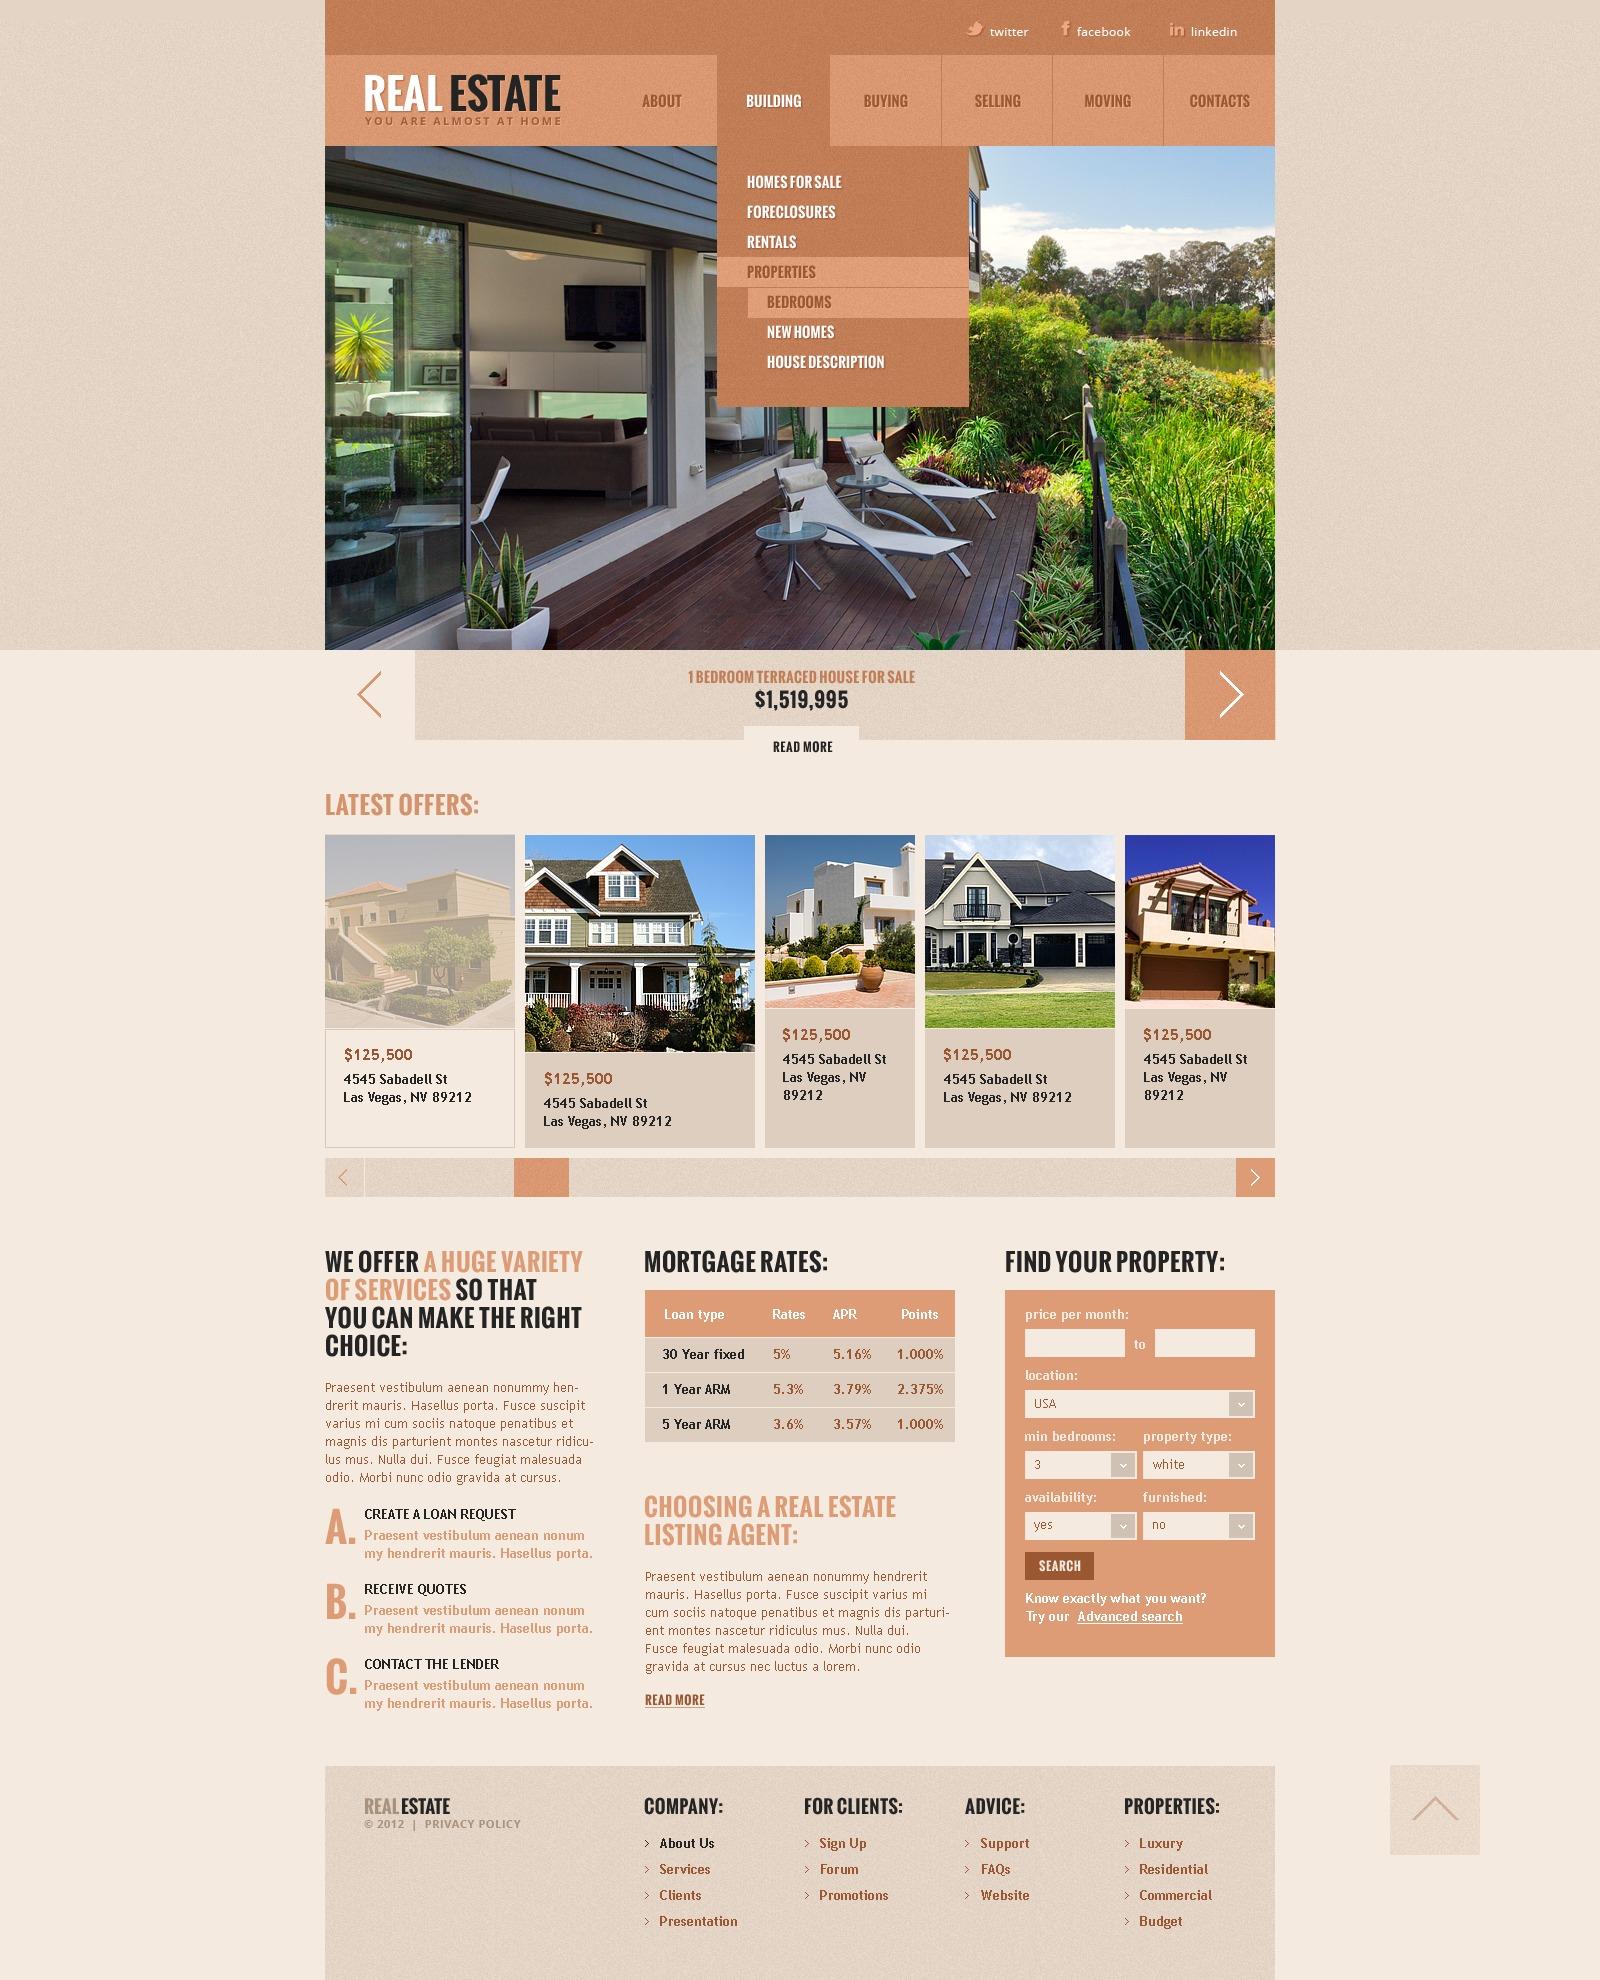 房产中介网页模板 #41268 - 截图